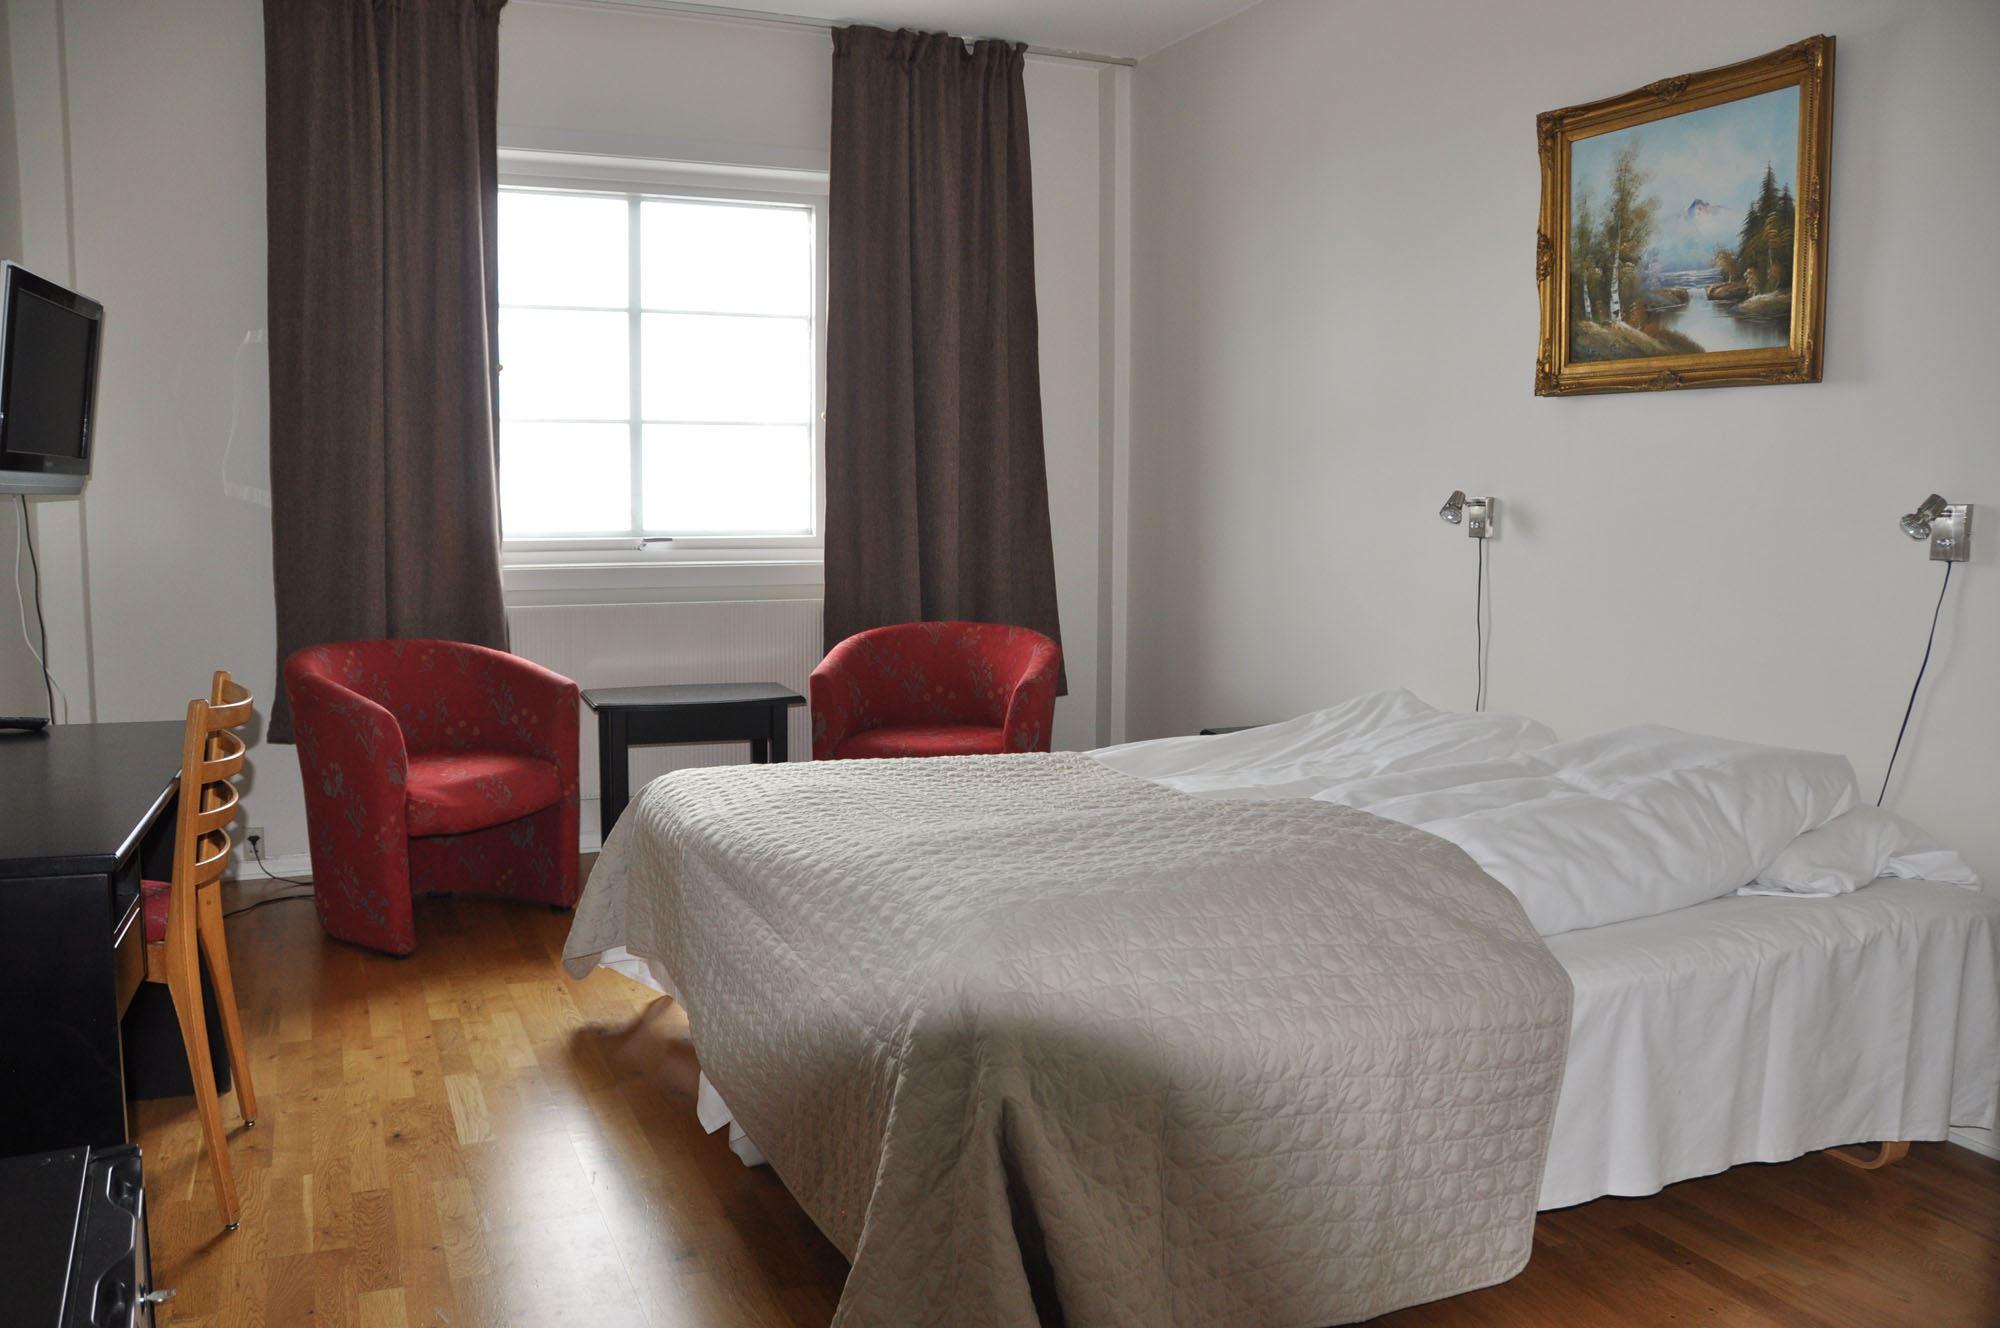 Rom på Saltfjellet Hotell Polarsirkelen